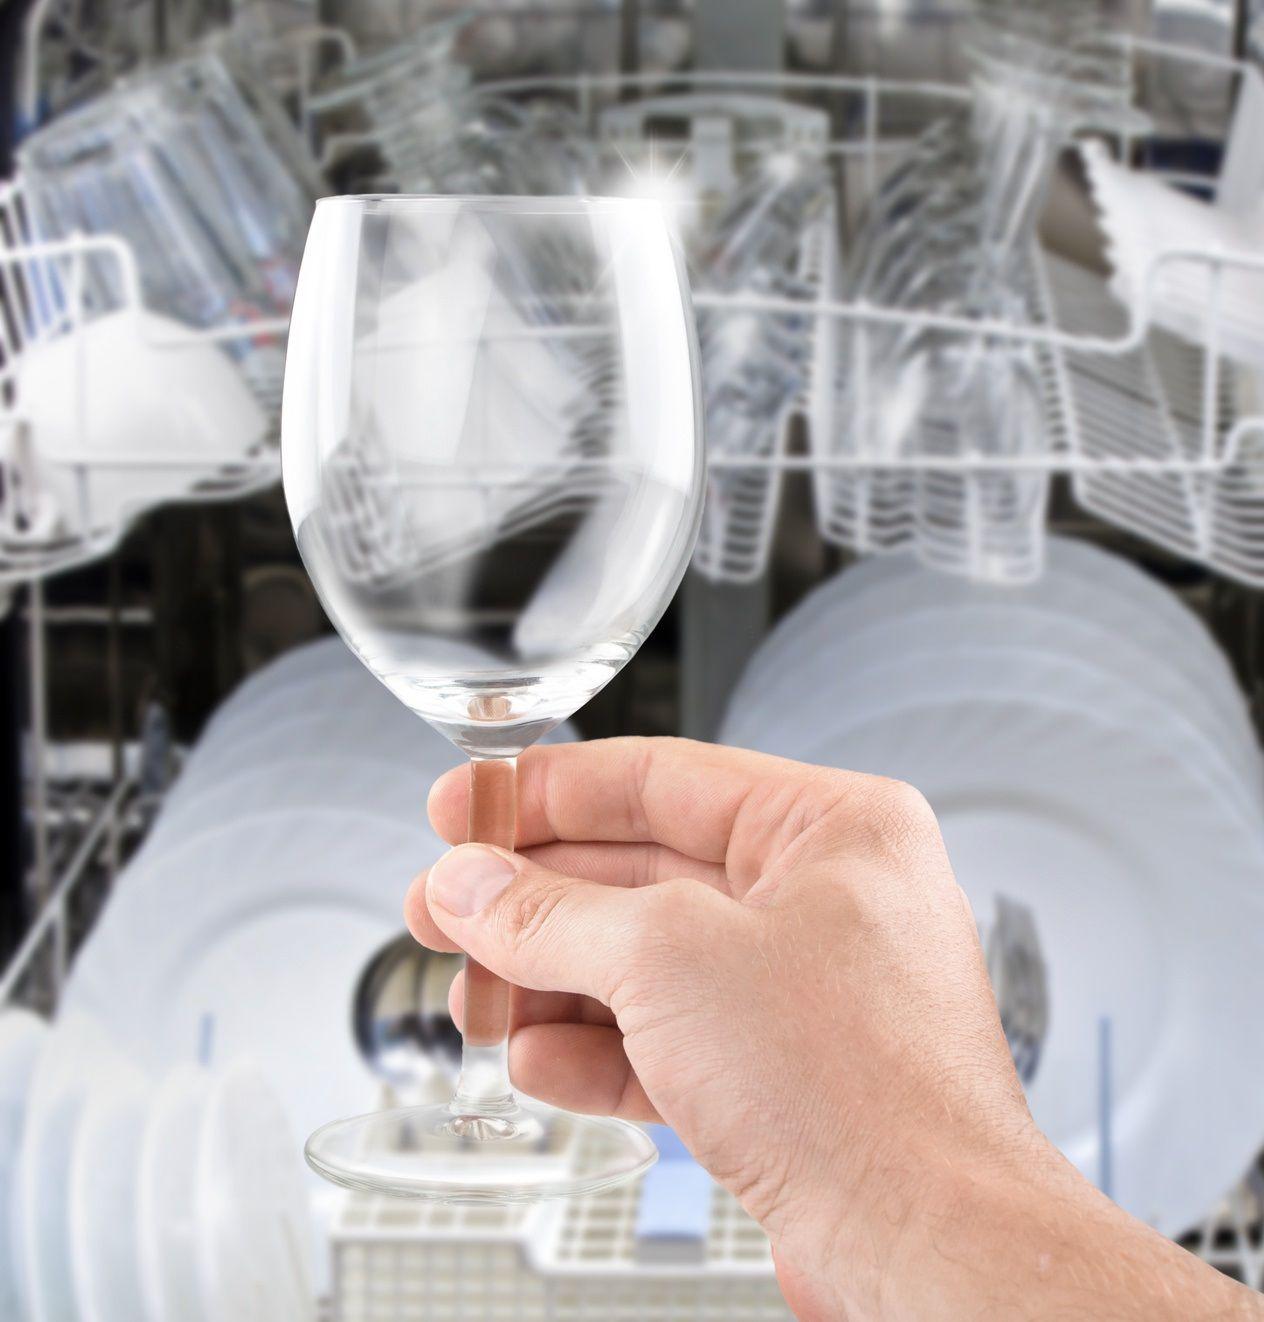 tr be trinkgl ser werden so wieder klar tipps pinterest haushalts tipps glas und haushalt. Black Bedroom Furniture Sets. Home Design Ideas